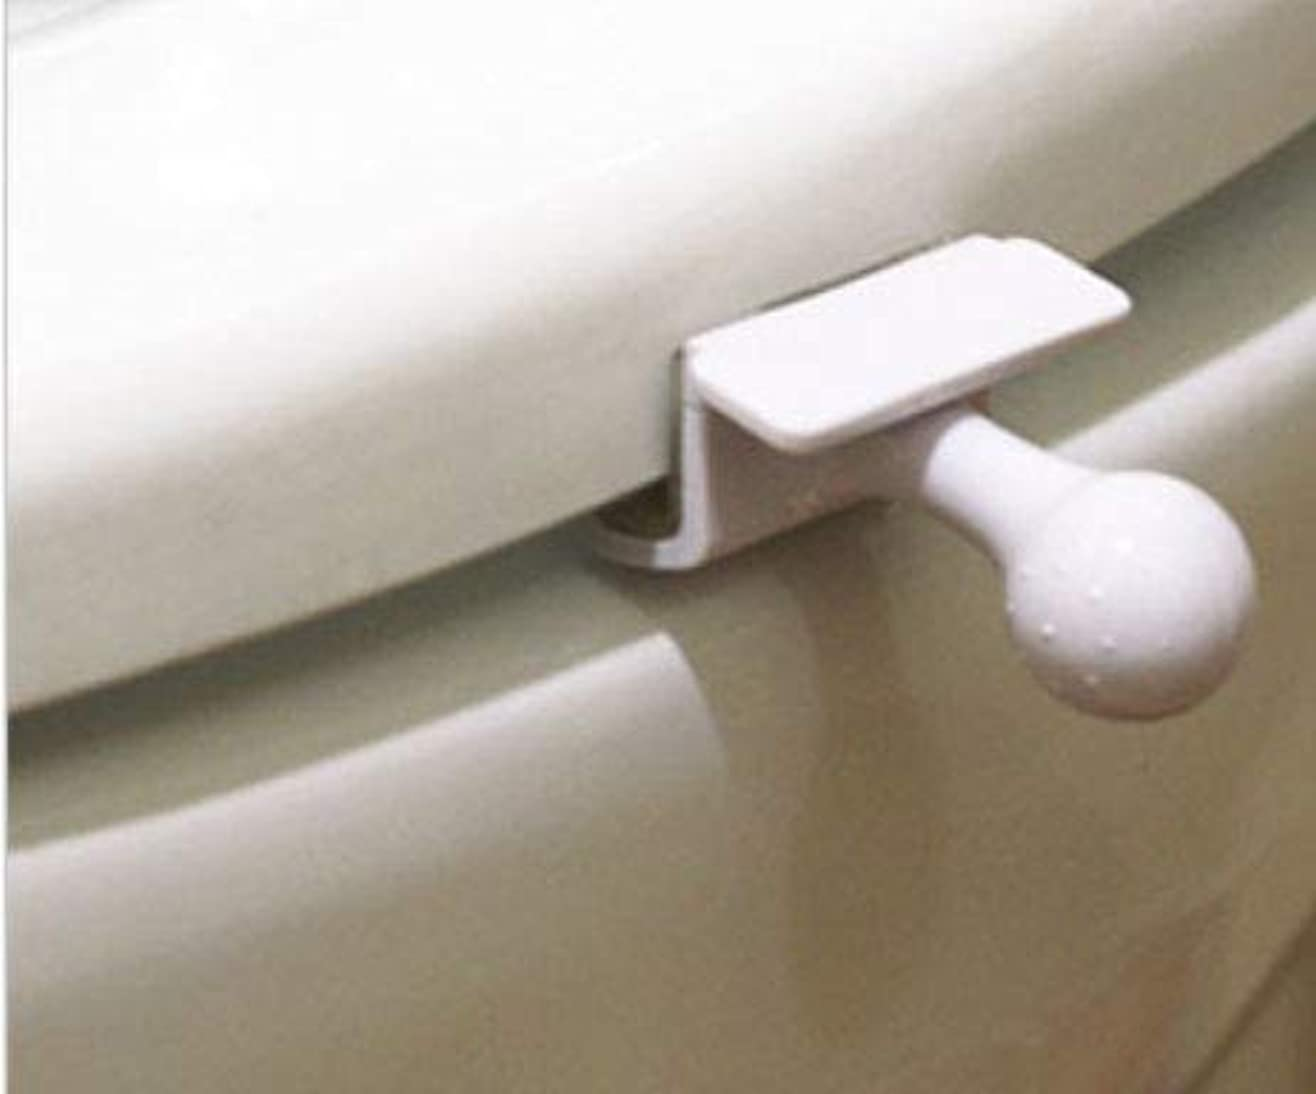 光沢イデオロギー平日切手を貼り郵便局発送、トイレ 便座 取っ手 除菌 トイレ便座とって 便座ハンドル 開閉、トイレを使用する時、蓋を持ち上げる時の不愉快さを なくす、トイレの蓋を取る器具